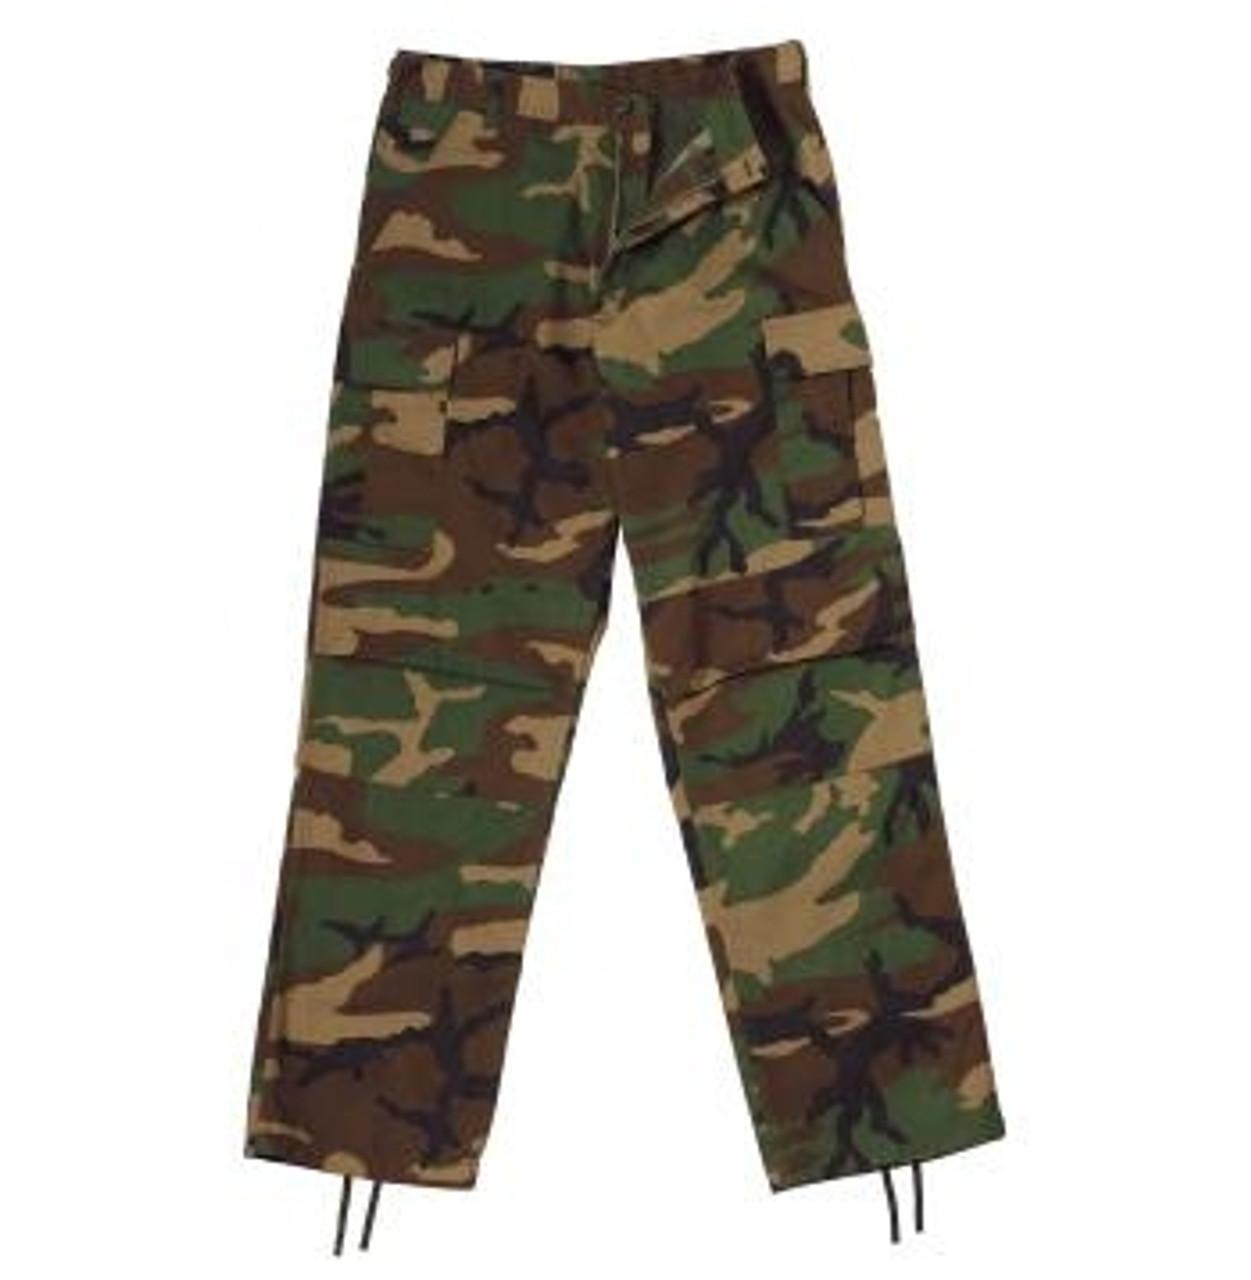 Zipper Fly BDU Pants from Hessen Tactical